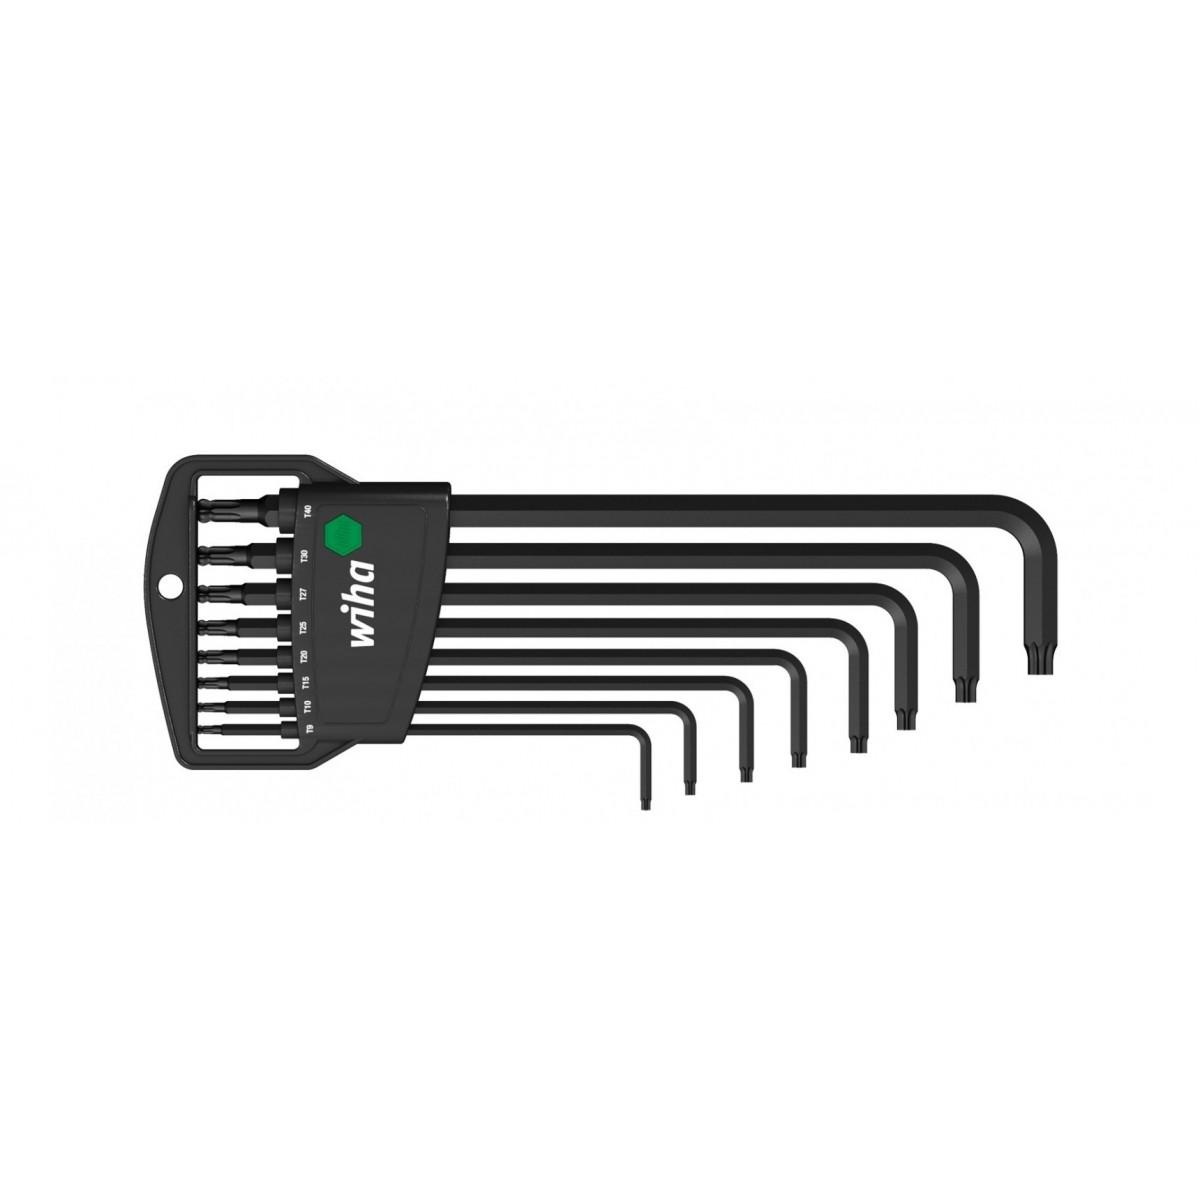 Zestaw kluczy trzpieniowych w uchwycie Classic Wiha - 32395 Zestaw kluczy trzpieniowych w uchwycie Classic Wiha - 32395